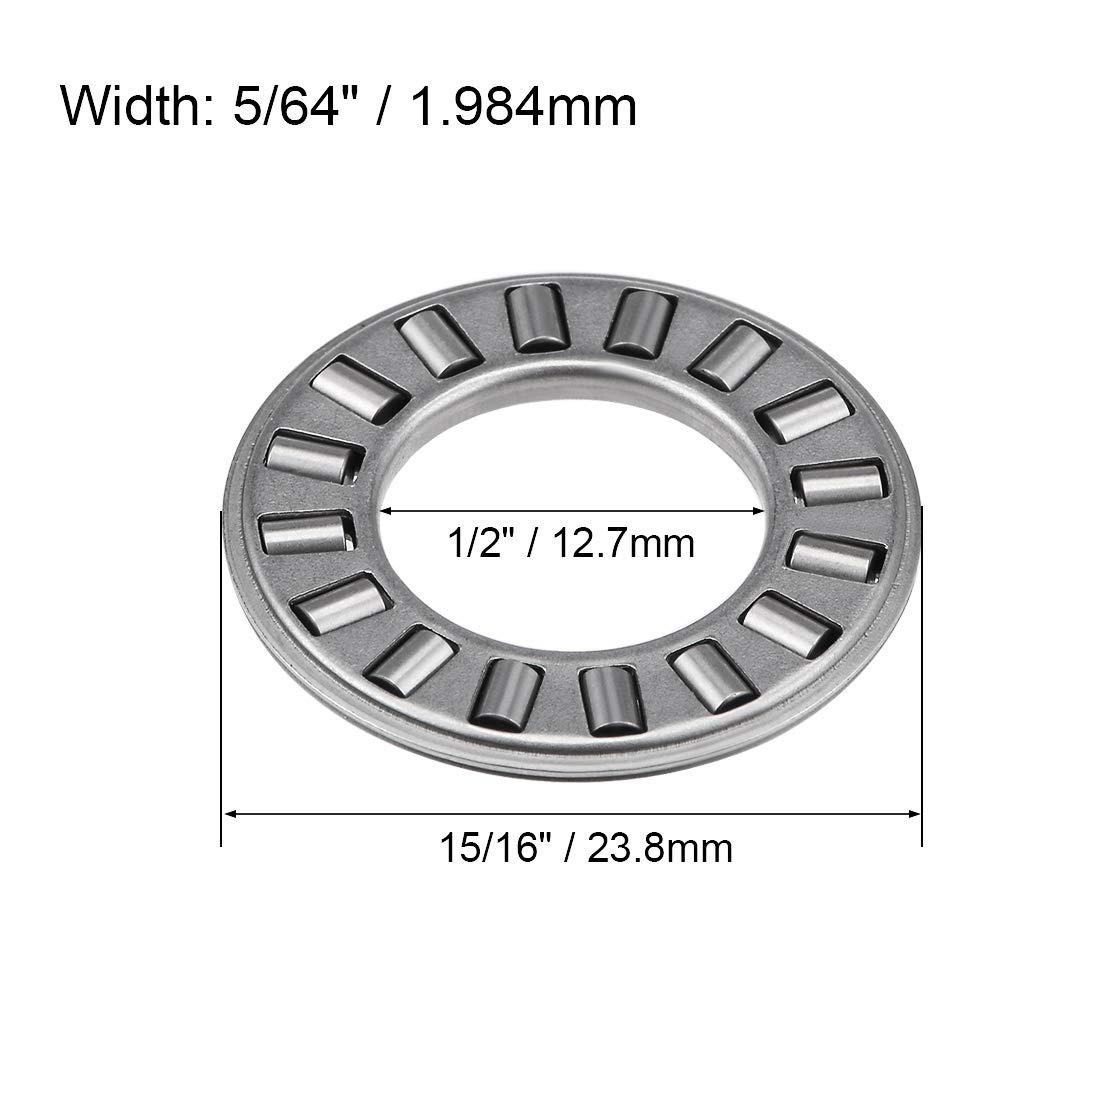 Rodillo de aguja y ensamblaje de empuje de jaula 2 Pack NTA815 1 Sourcingmap Imperial